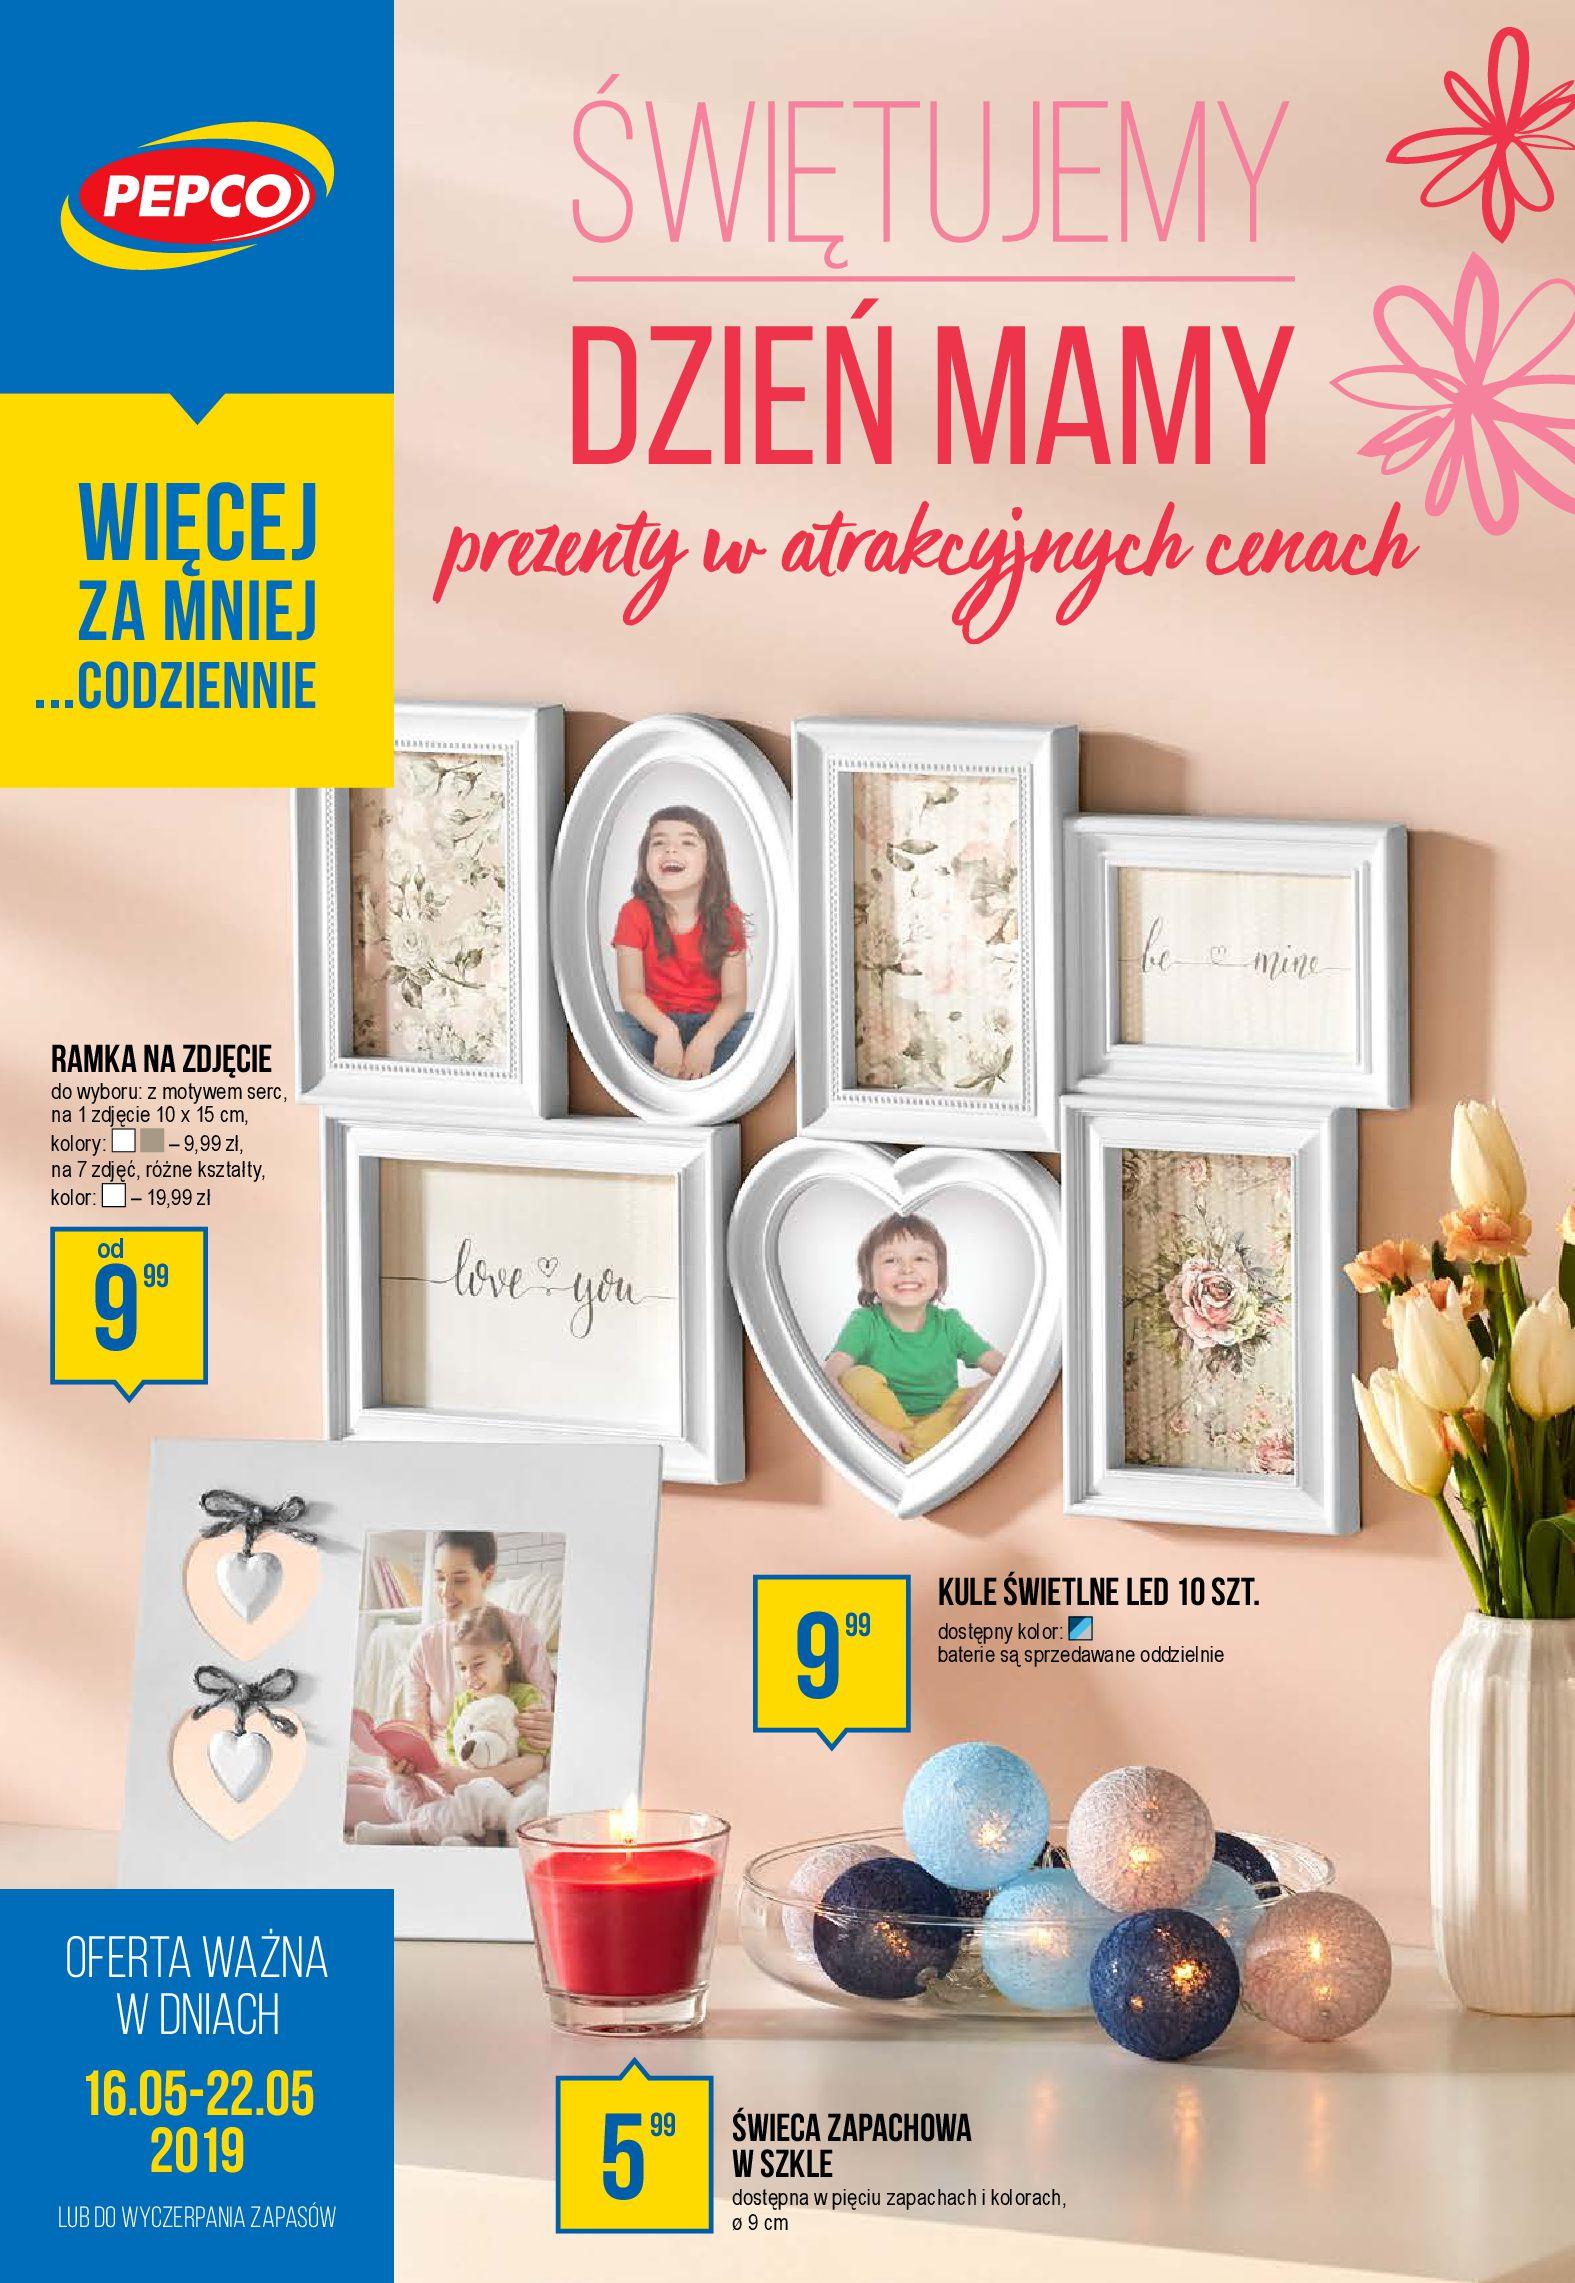 Gazetka Pepco - Świętujemy Dzień Mamy-15.05.2019-22.05.2019-page-